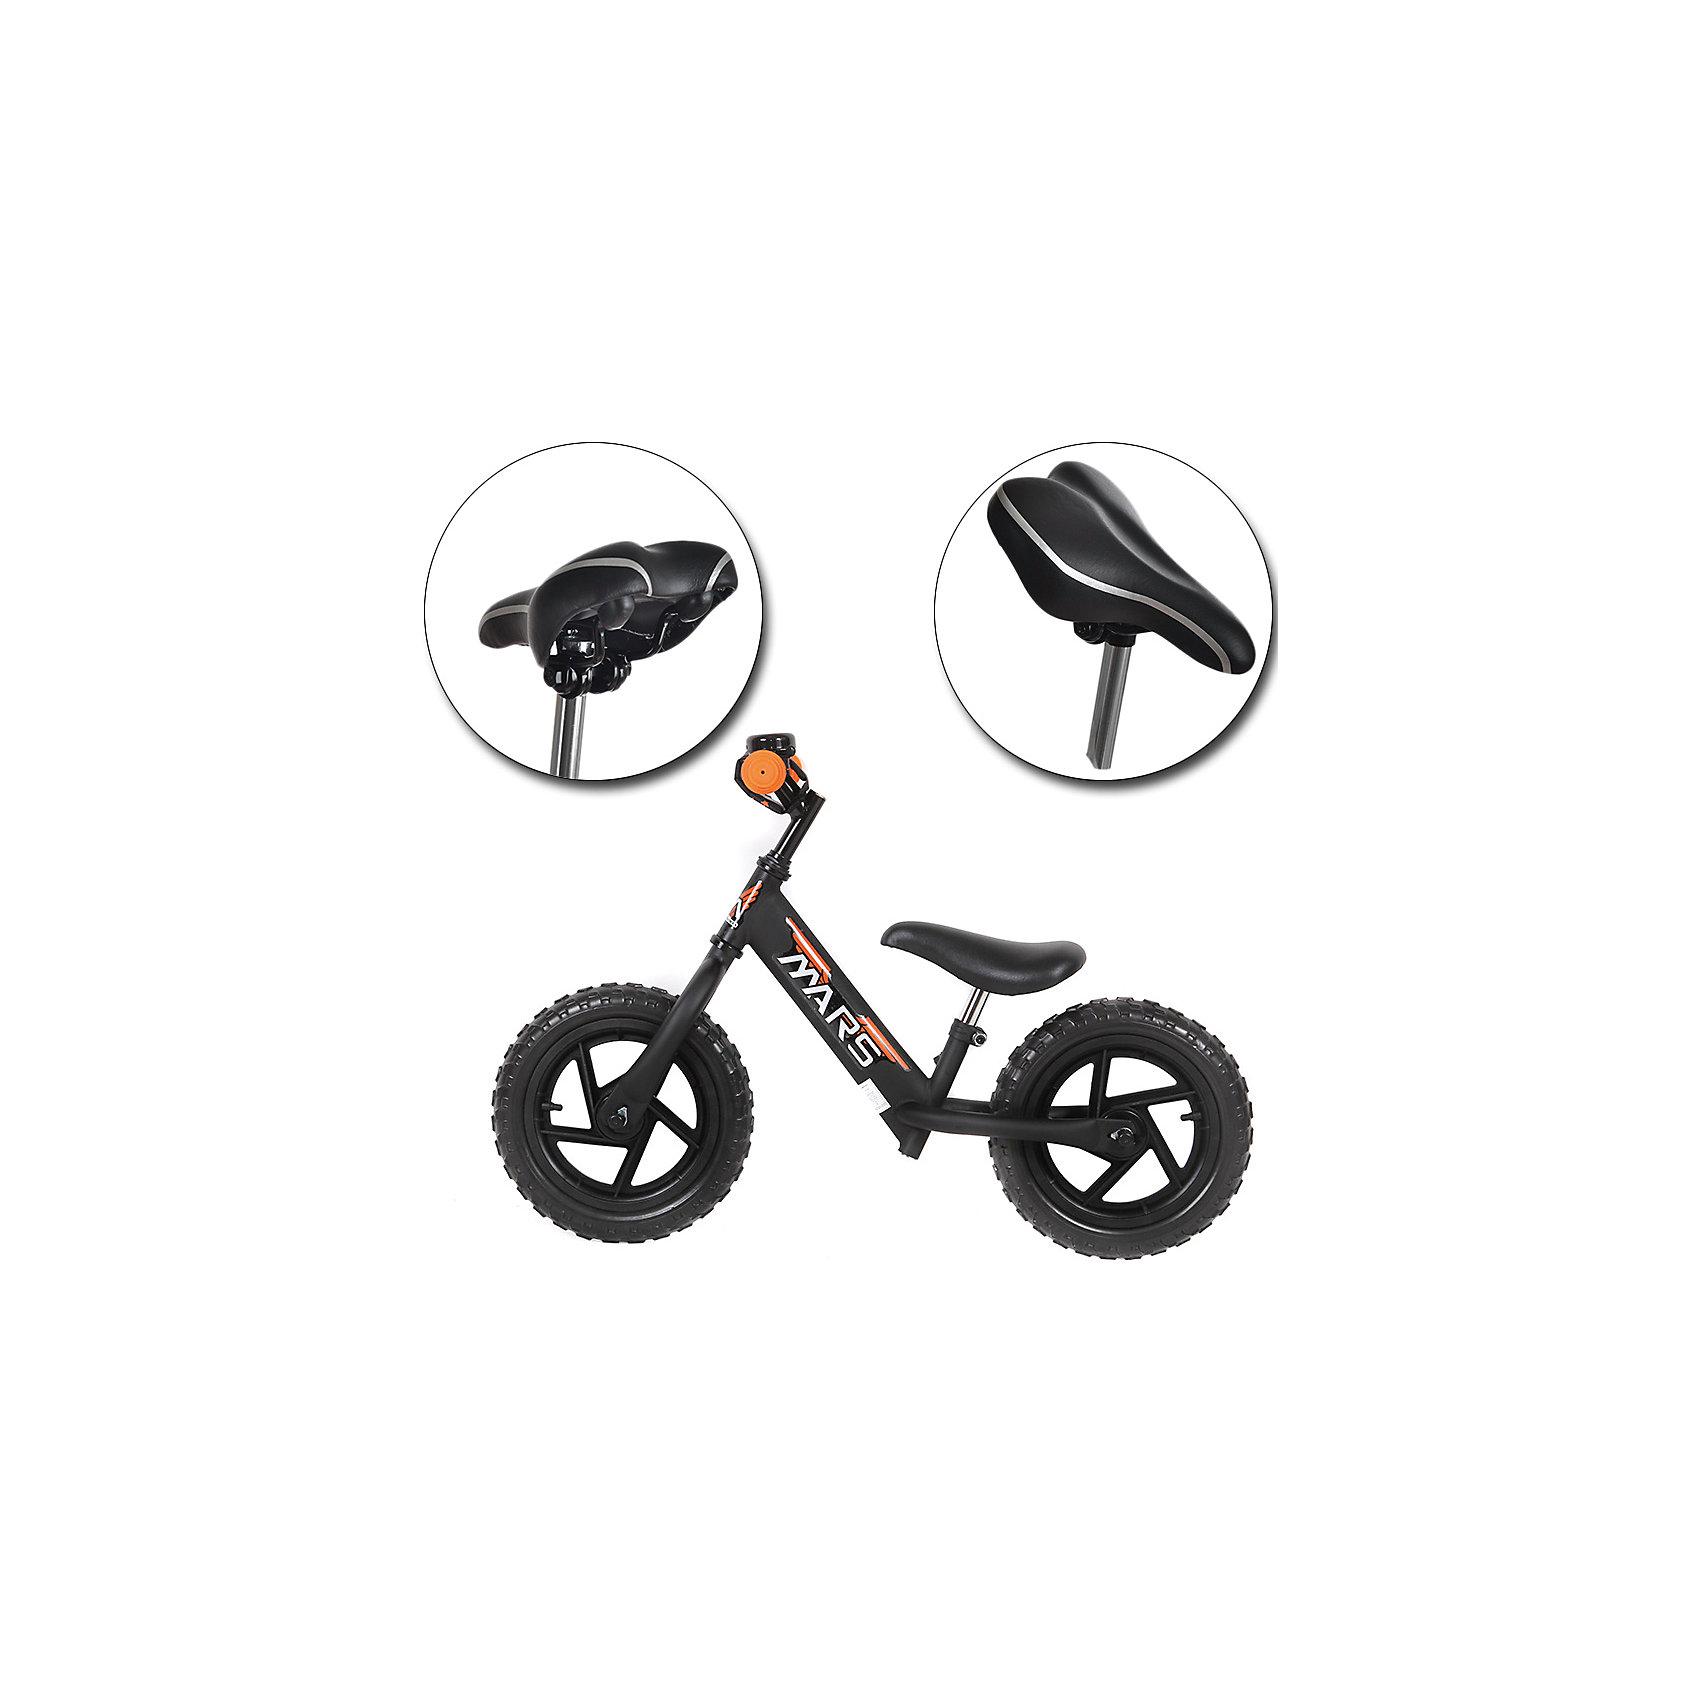 Беговел, черный, NEW MARSДля малышей от трех до пяти лет специалисты создали велобег - заменитель двухколесного велосипеда.  Это велосипед - без педалей и цепи, он учит в первую очередь держать равновесие, на нем ребенок не сможет сильно разогнаться. На велобеге очень комфортно ездить благодаря продуманному размеру колес, их размер точно вымерен для того, чтобы обеспечить устойчивость на поворотах. С помощью велобега ребенок будет также развивать внимательность и пространственное мышление, а также учиться правильно использовать пространство.<br>Велобег выполнен в стильной расцветке, он произведен из высококачественных материалов. Эти материалы безопасны для ребенка. Он имеет созданную специалистами конструкцию, которая обеспечит ребенку комфорт и безопасность. Эта модель отличается удобным сиденьем, легкостью, возможностью отрегулировать руль и сиденье под рост ребенка.<br><br>Дополнительная информация:<br><br>цвет: черный;<br>прочная и легкая конструкция;<br>удобный руль;<br>диаметр колес 12 дюймов;<br>мягкое сидение  с возможностью регулировки высоты;<br>рама и вилка сделаны из алюминиевого сплава;<br>регулировка положения высоты руля;<br>резиновые колеса;<br>звонок.<br><br>Велобег, черный, от марки NEW MARS можно купить в нашем магазине.<br><br>Ширина мм: 800<br>Глубина мм: 300<br>Высота мм: 400<br>Вес г: 5200<br>Возраст от месяцев: 36<br>Возраст до месяцев: 60<br>Пол: Унисекс<br>Возраст: Детский<br>SKU: 4715394